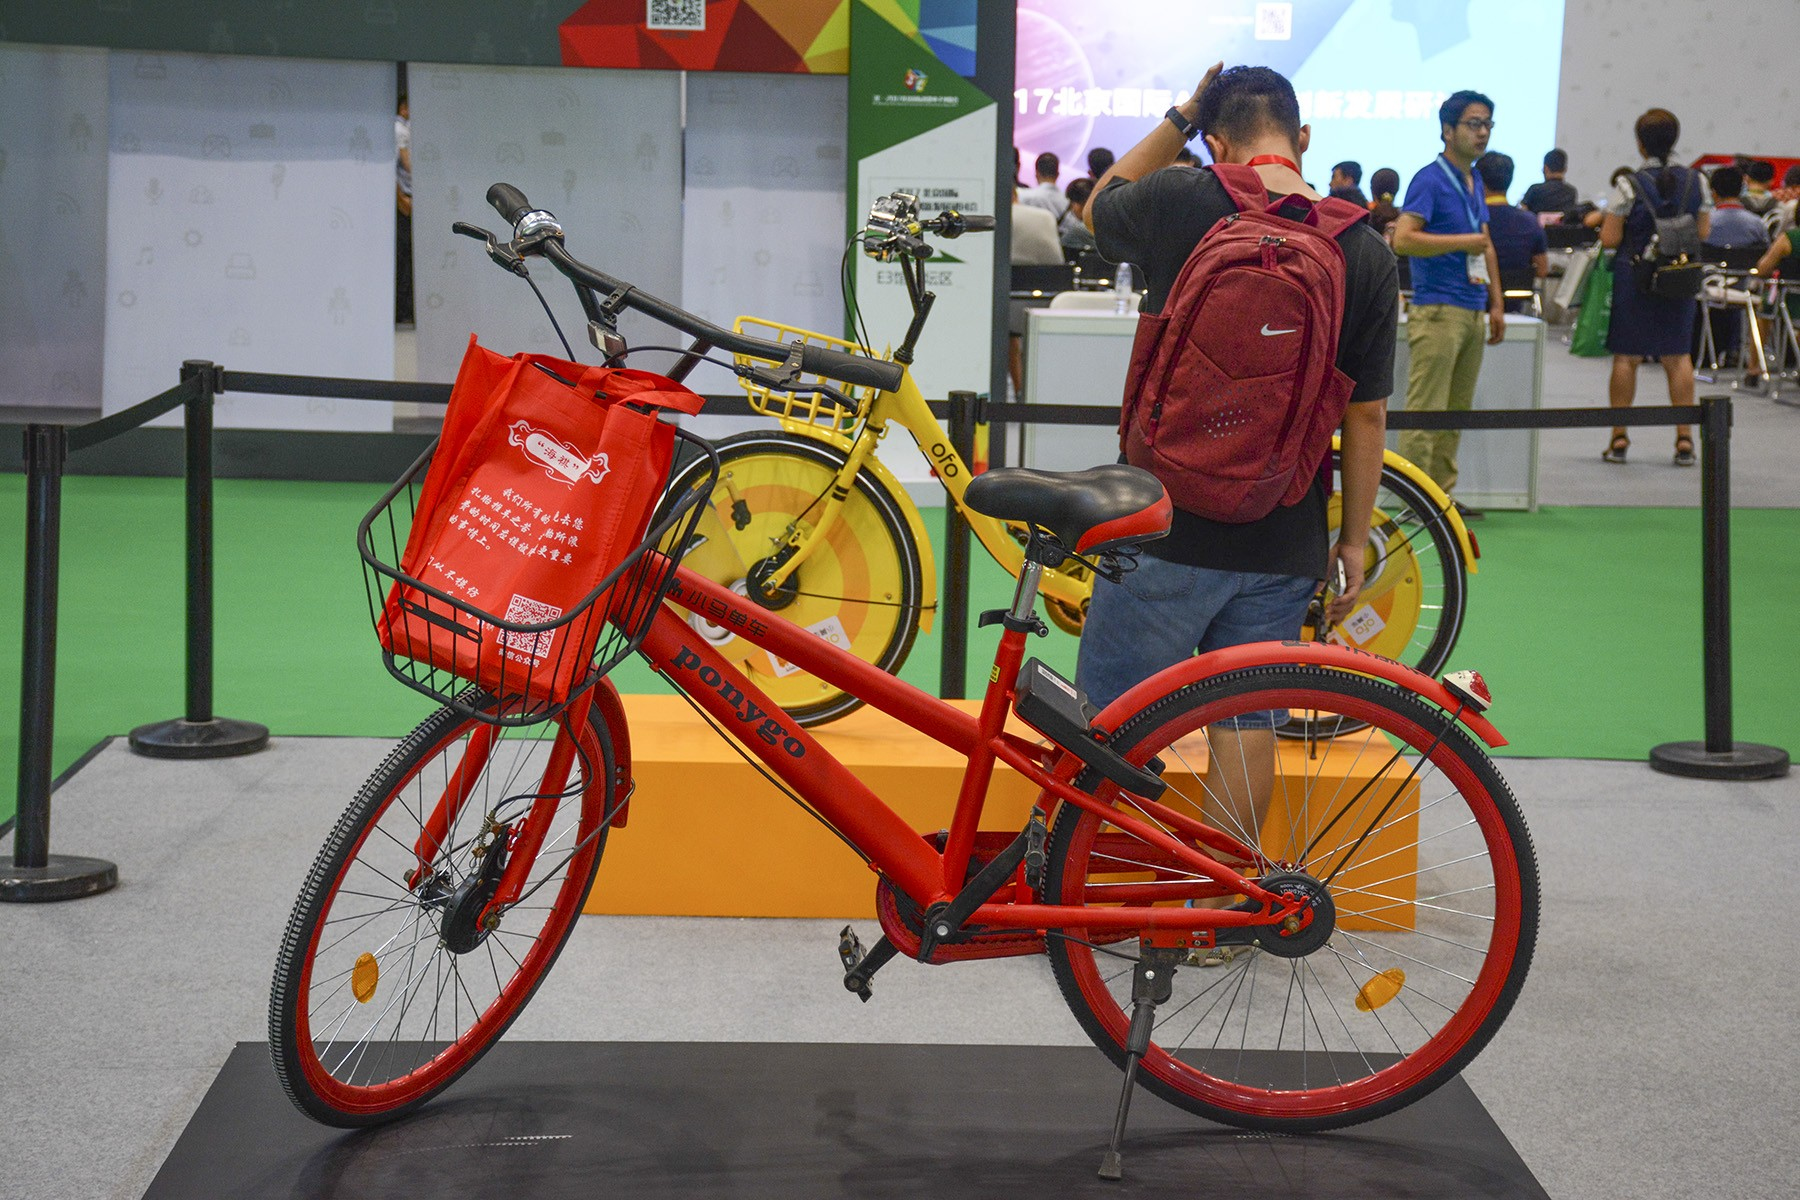 自転車版ponygo (Source: PCPOP)